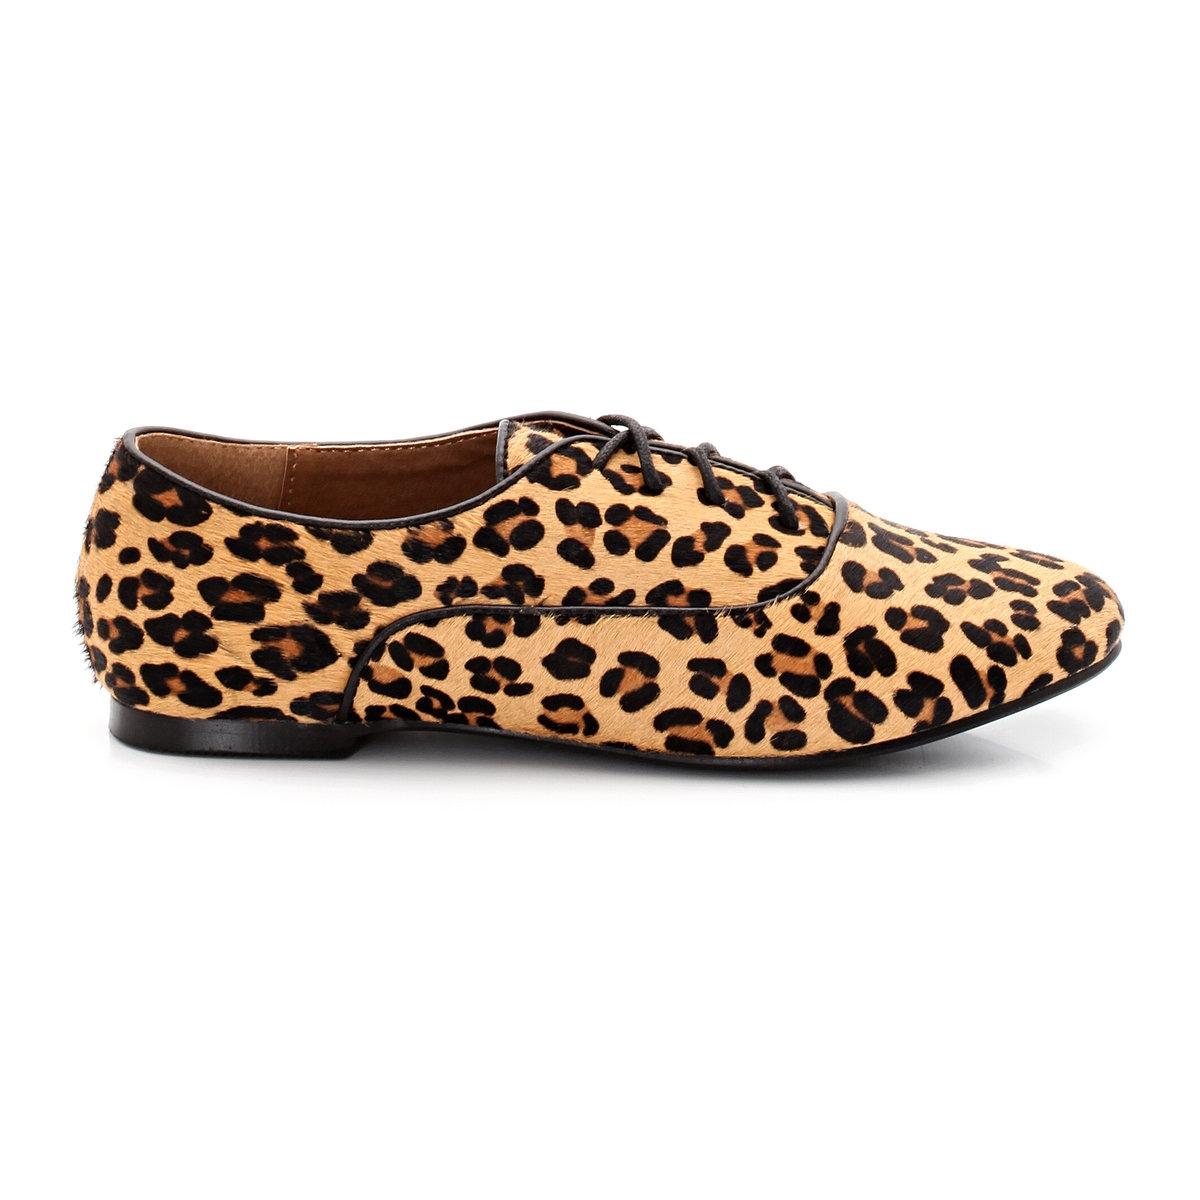 Ботинки-дерби из кожиБотинки-дерби от: LAURA CL?MENT. Верх: ворсистая коровья кожа с принтом. Подкладка: кожа. Стелька: кожа. Подошва:  из эластомера. Застежка: на шнуровке.<br><br>Цвет: леопард<br>Размер: 42